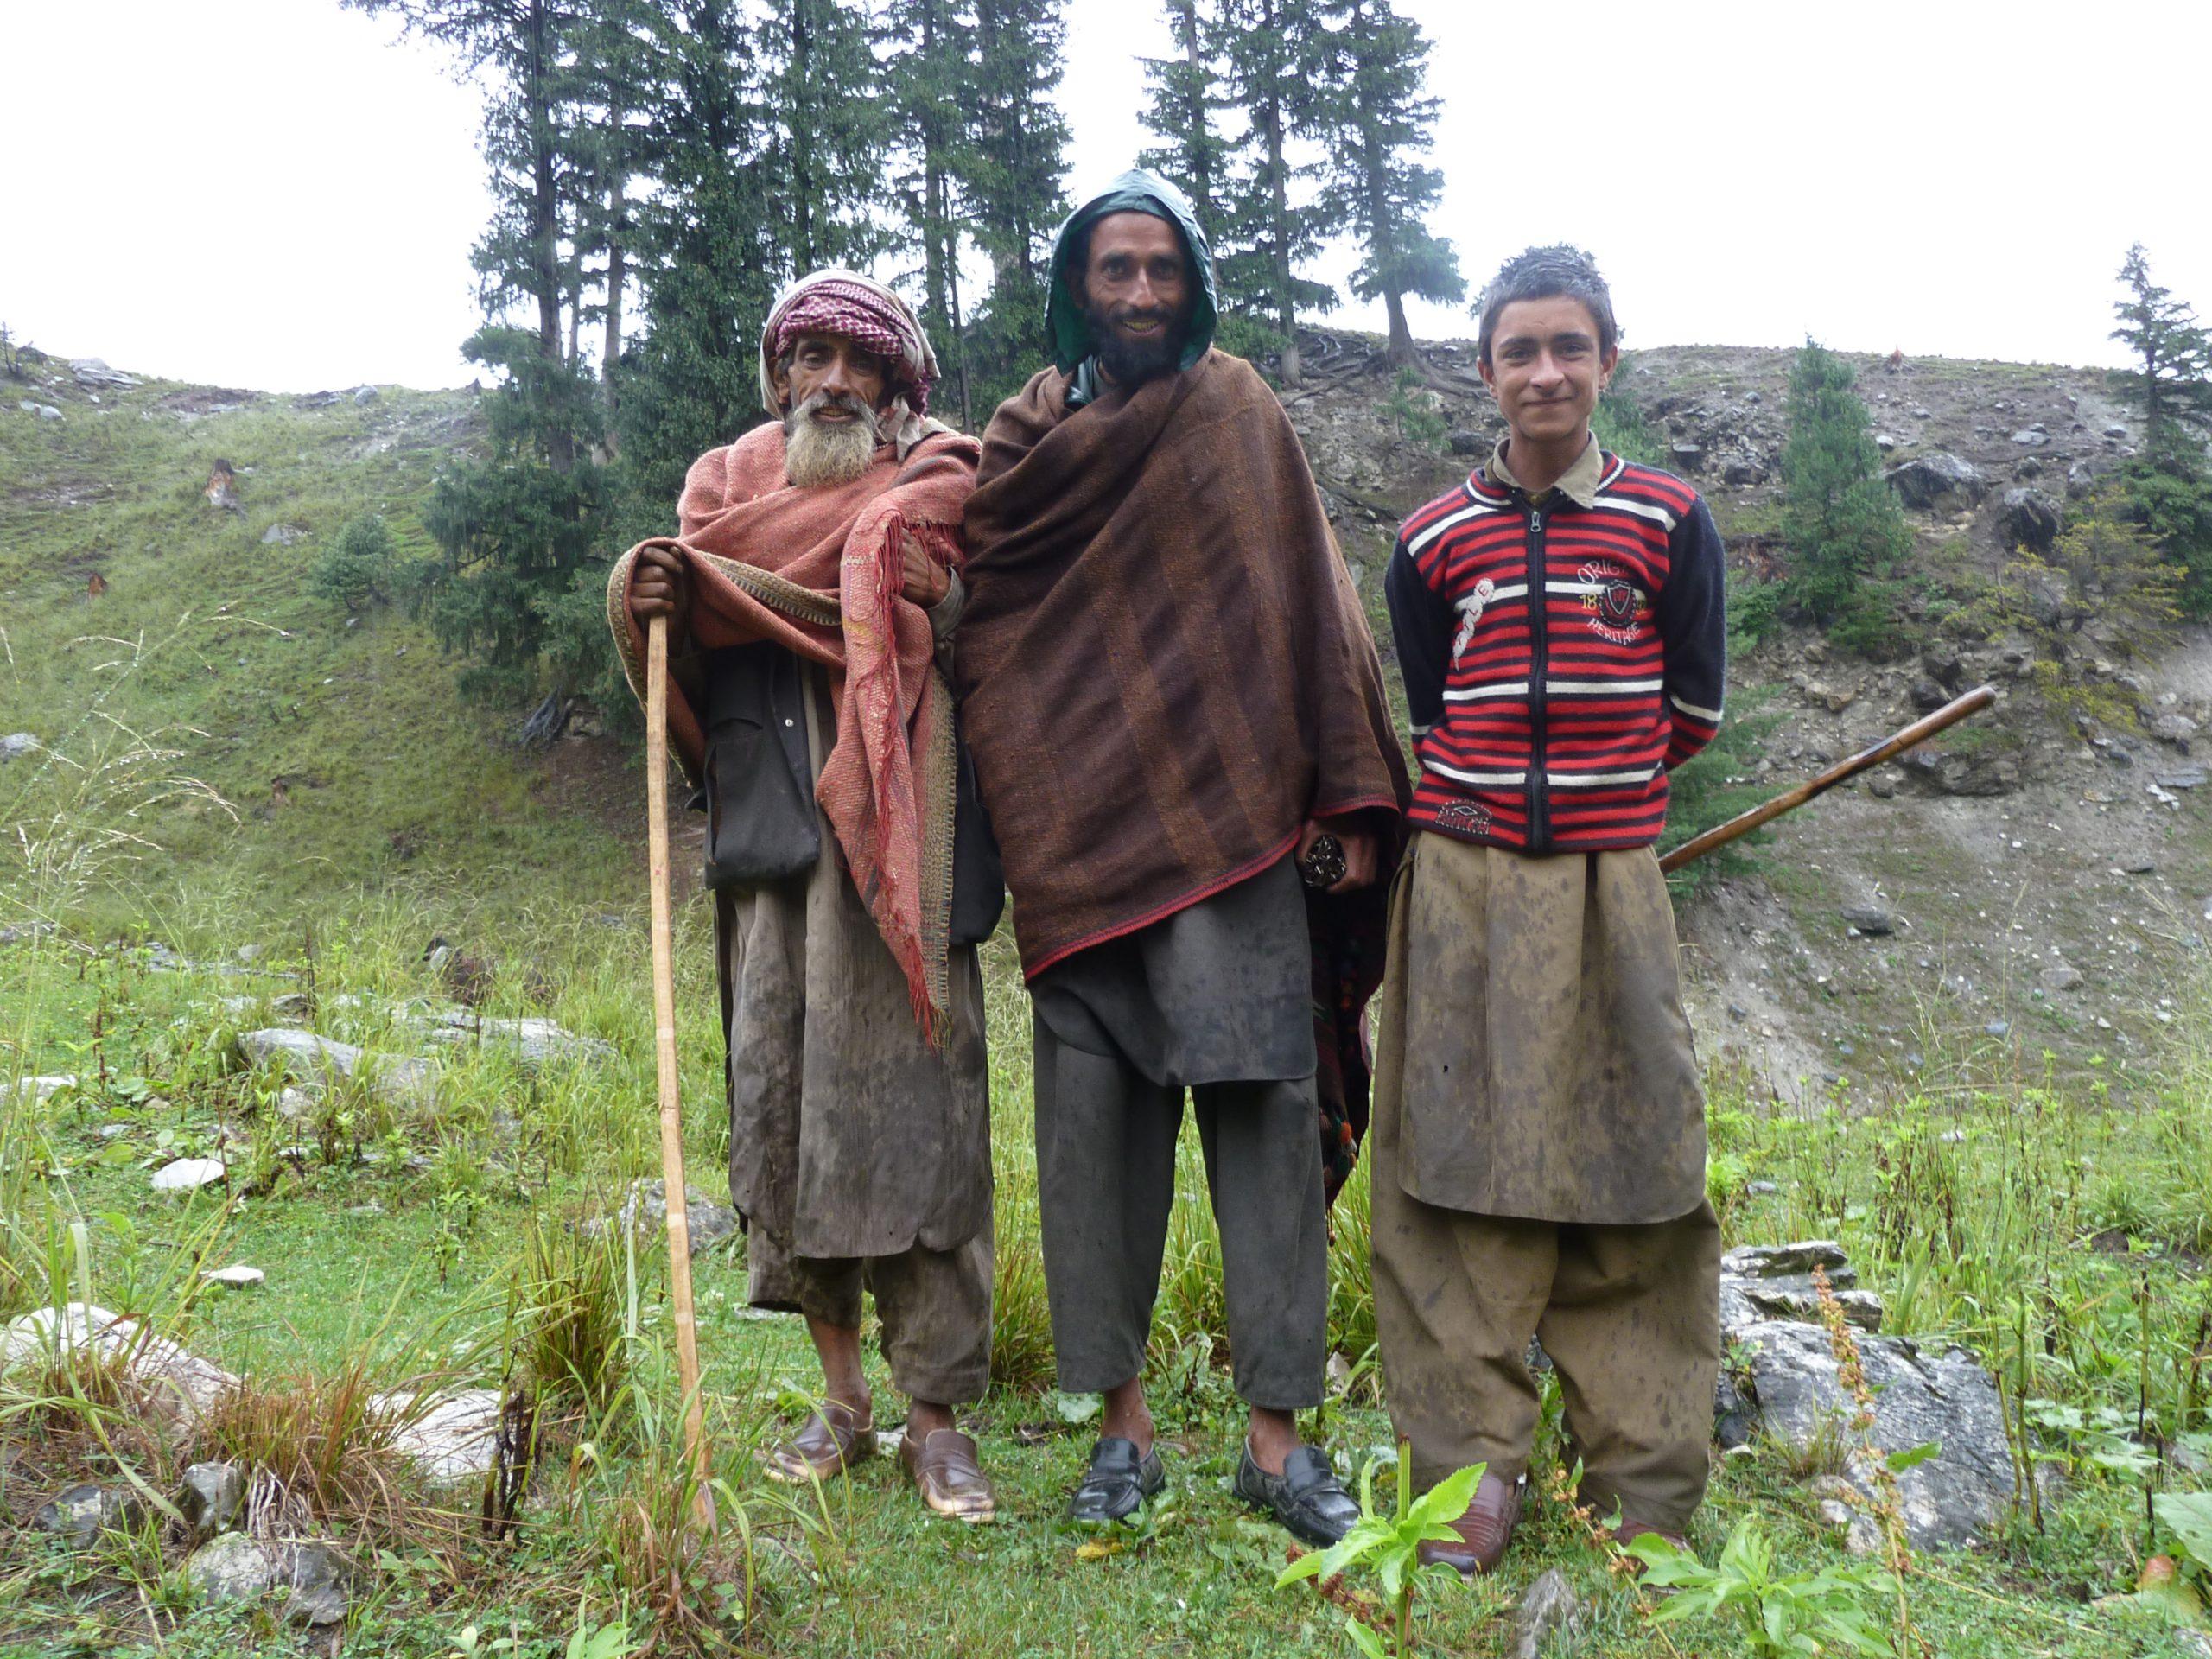 Radreise Ladakh 2012 - Schafhirten-Familie am Zelt